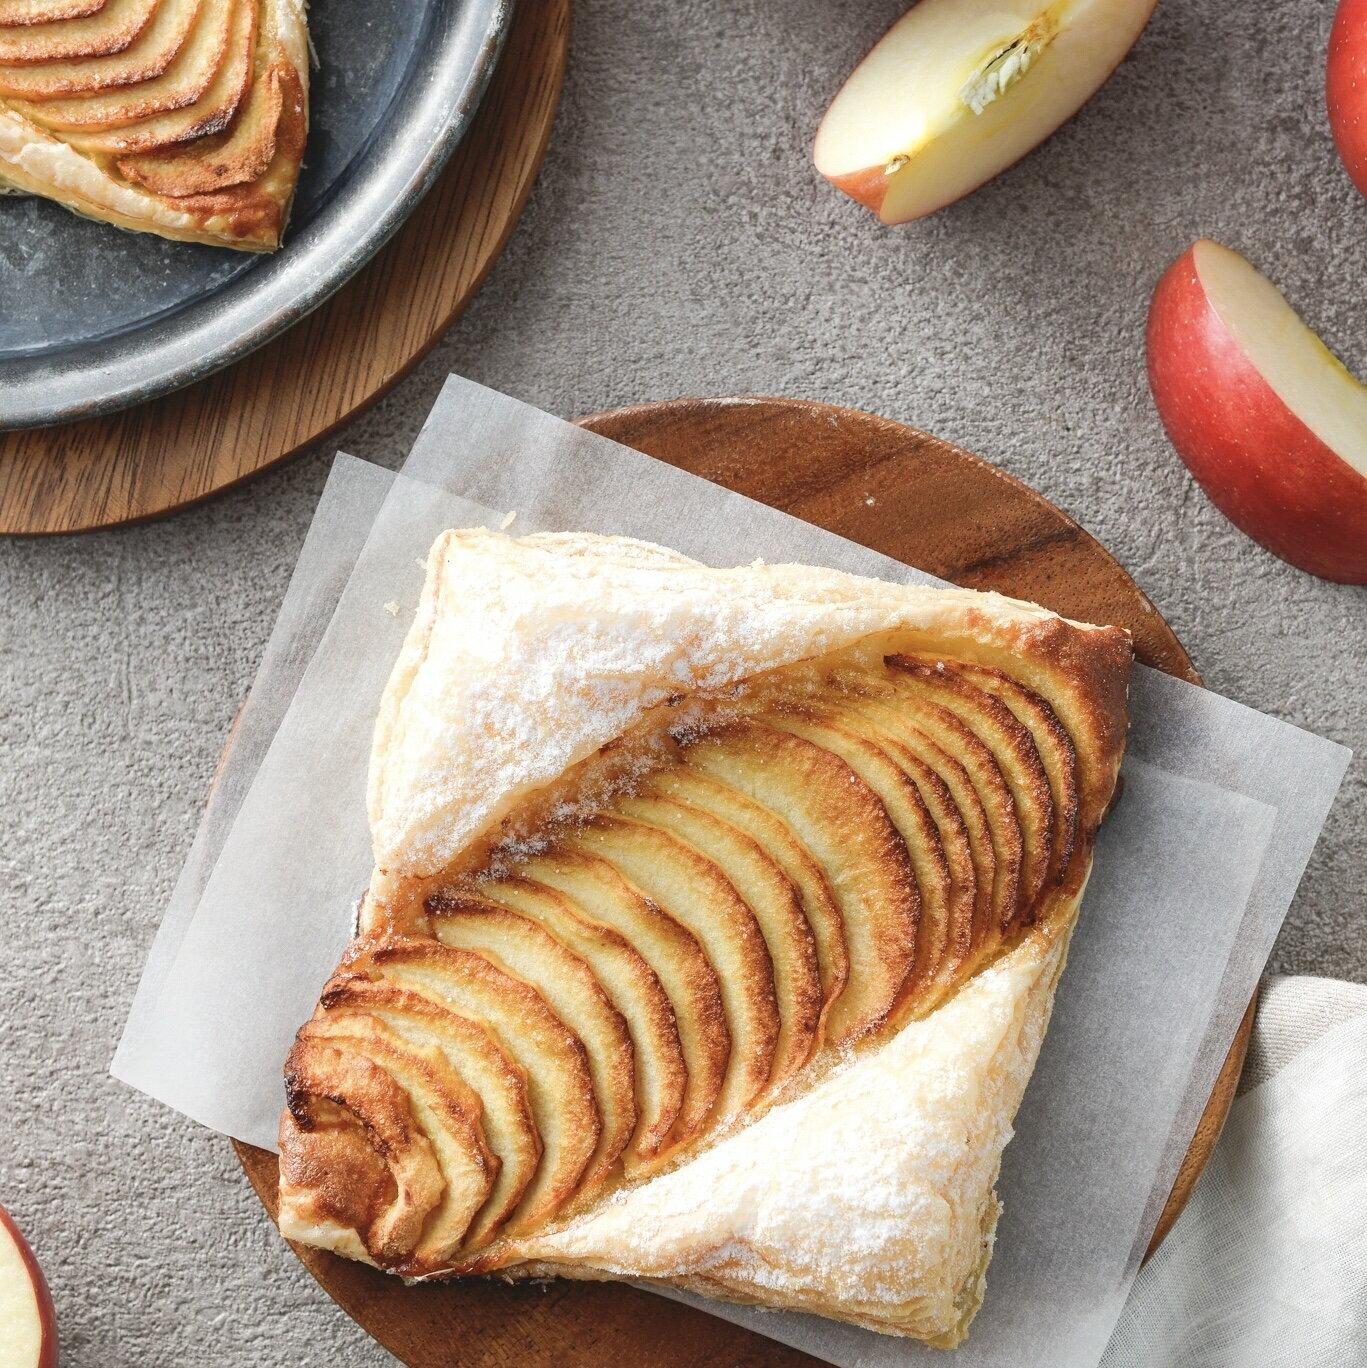 【烘樂夫烘焙】法式蘋果酥 3入  ▎下午茶必備